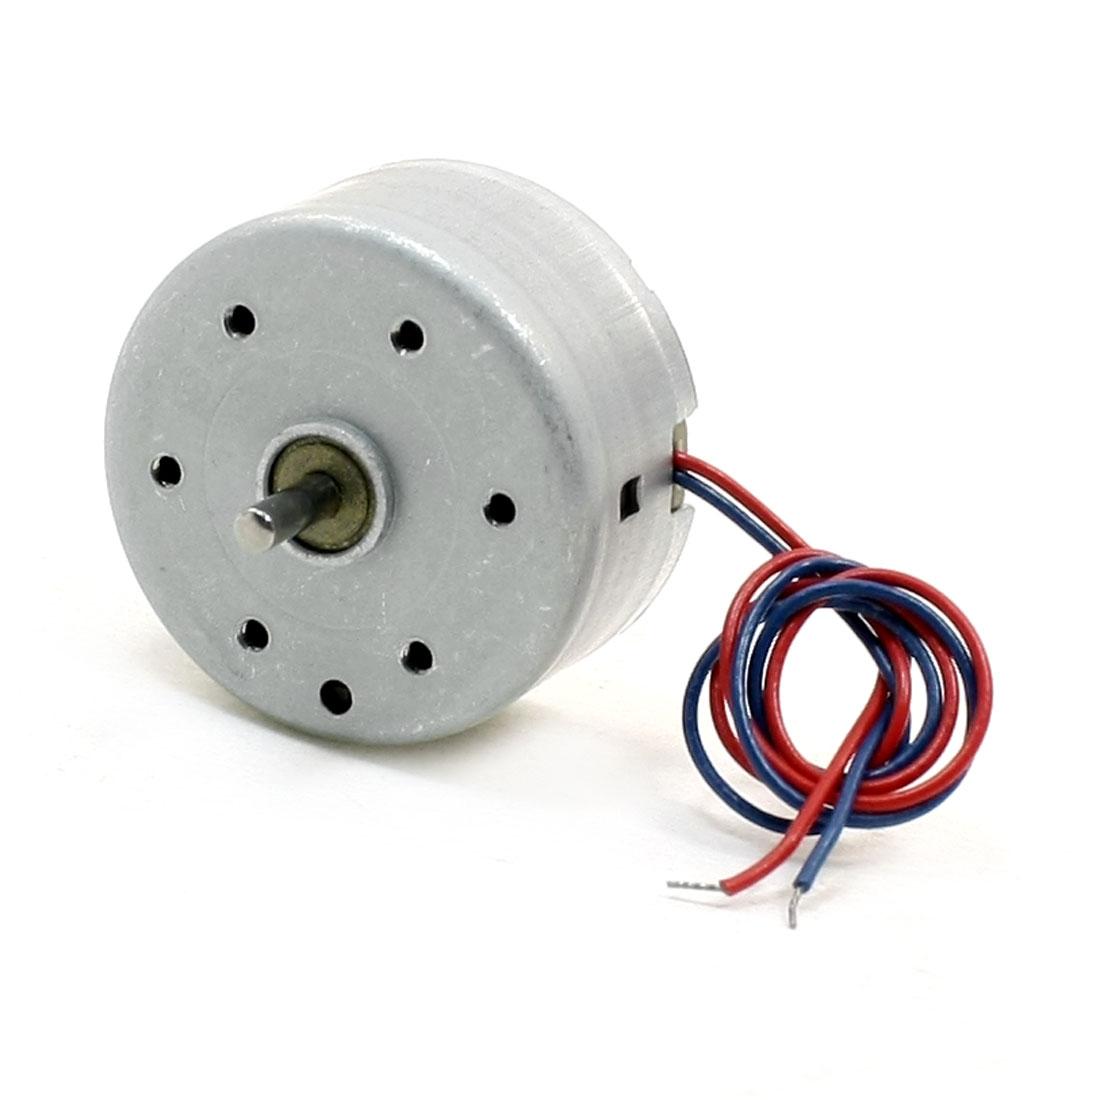 2mm Shaft DC 6V 4000RPM Mini Motor for DVD CD Player